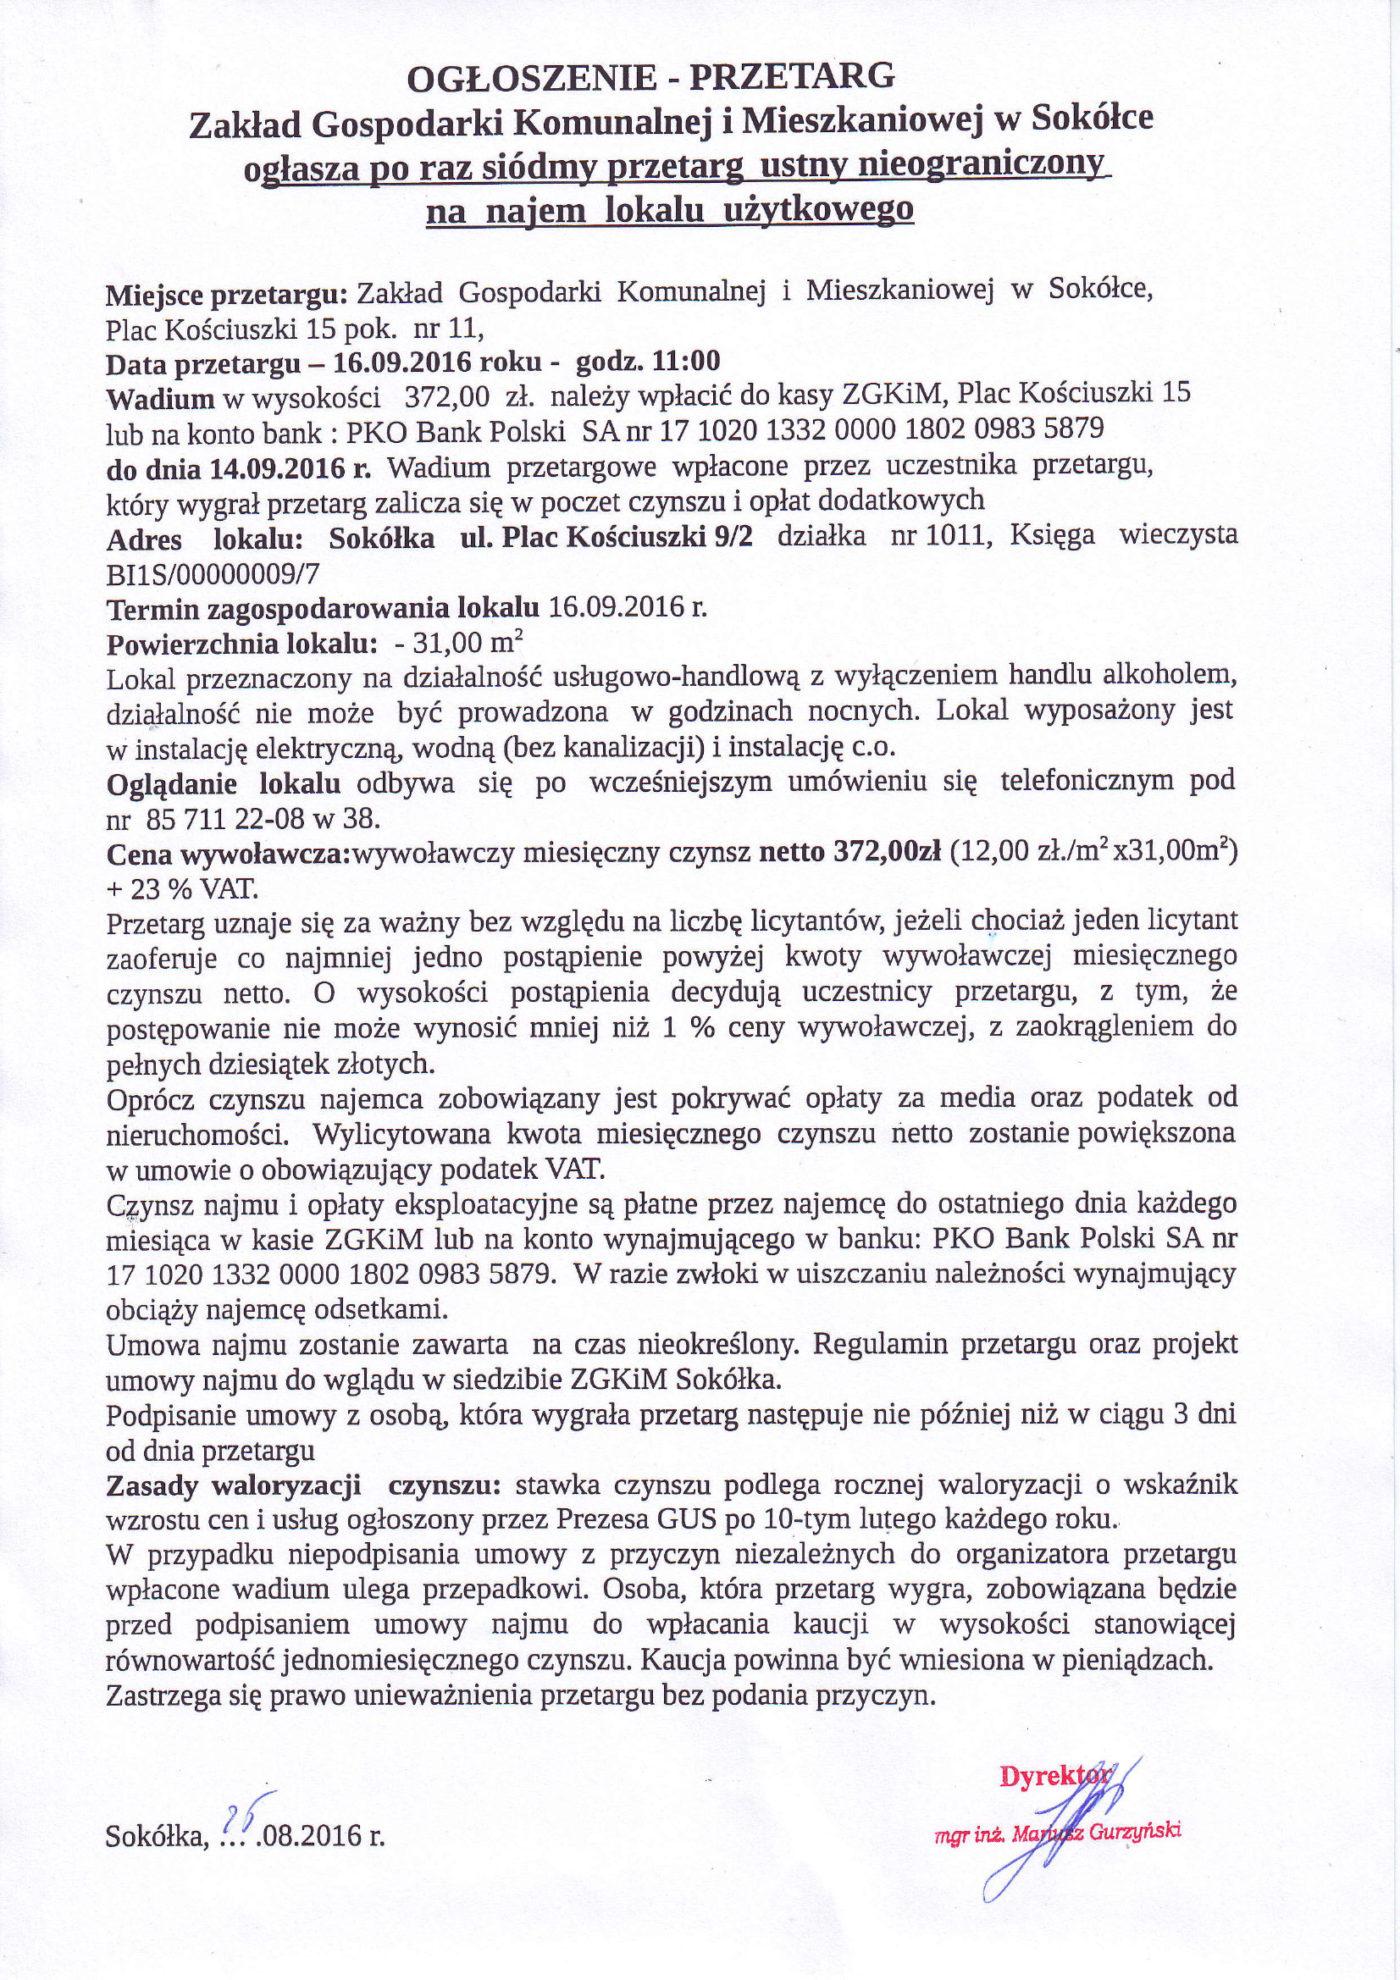 ZGKiM-przetarg---Sokółka-Plac-Kościuszki-9-m-2